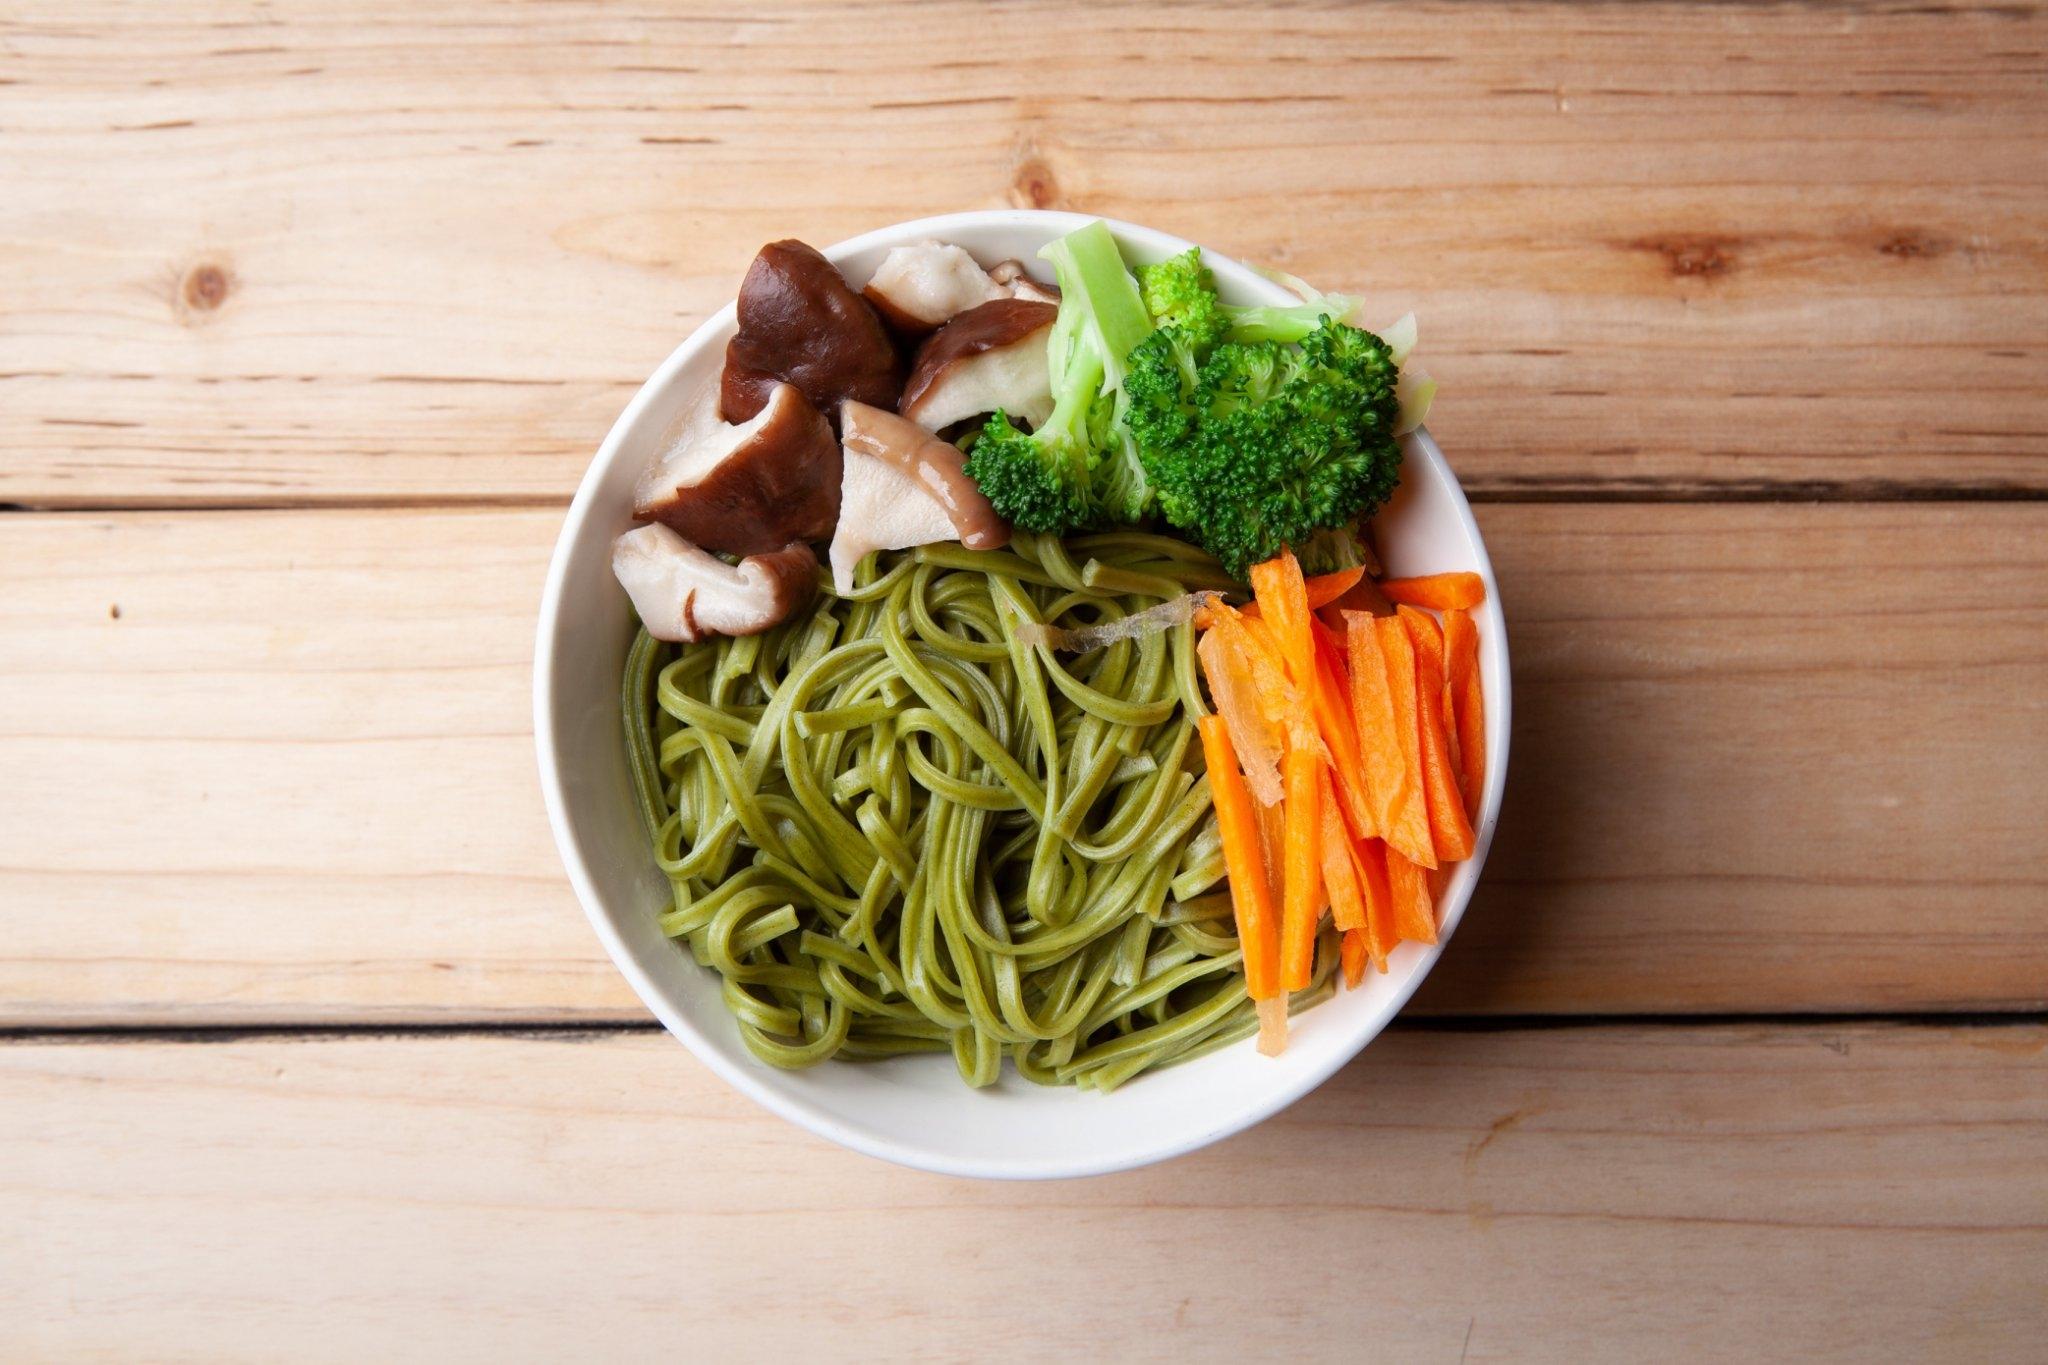 香菜先生香菜拌麵-椒麻-全素 - 樂膳自然無毒蔬食超市